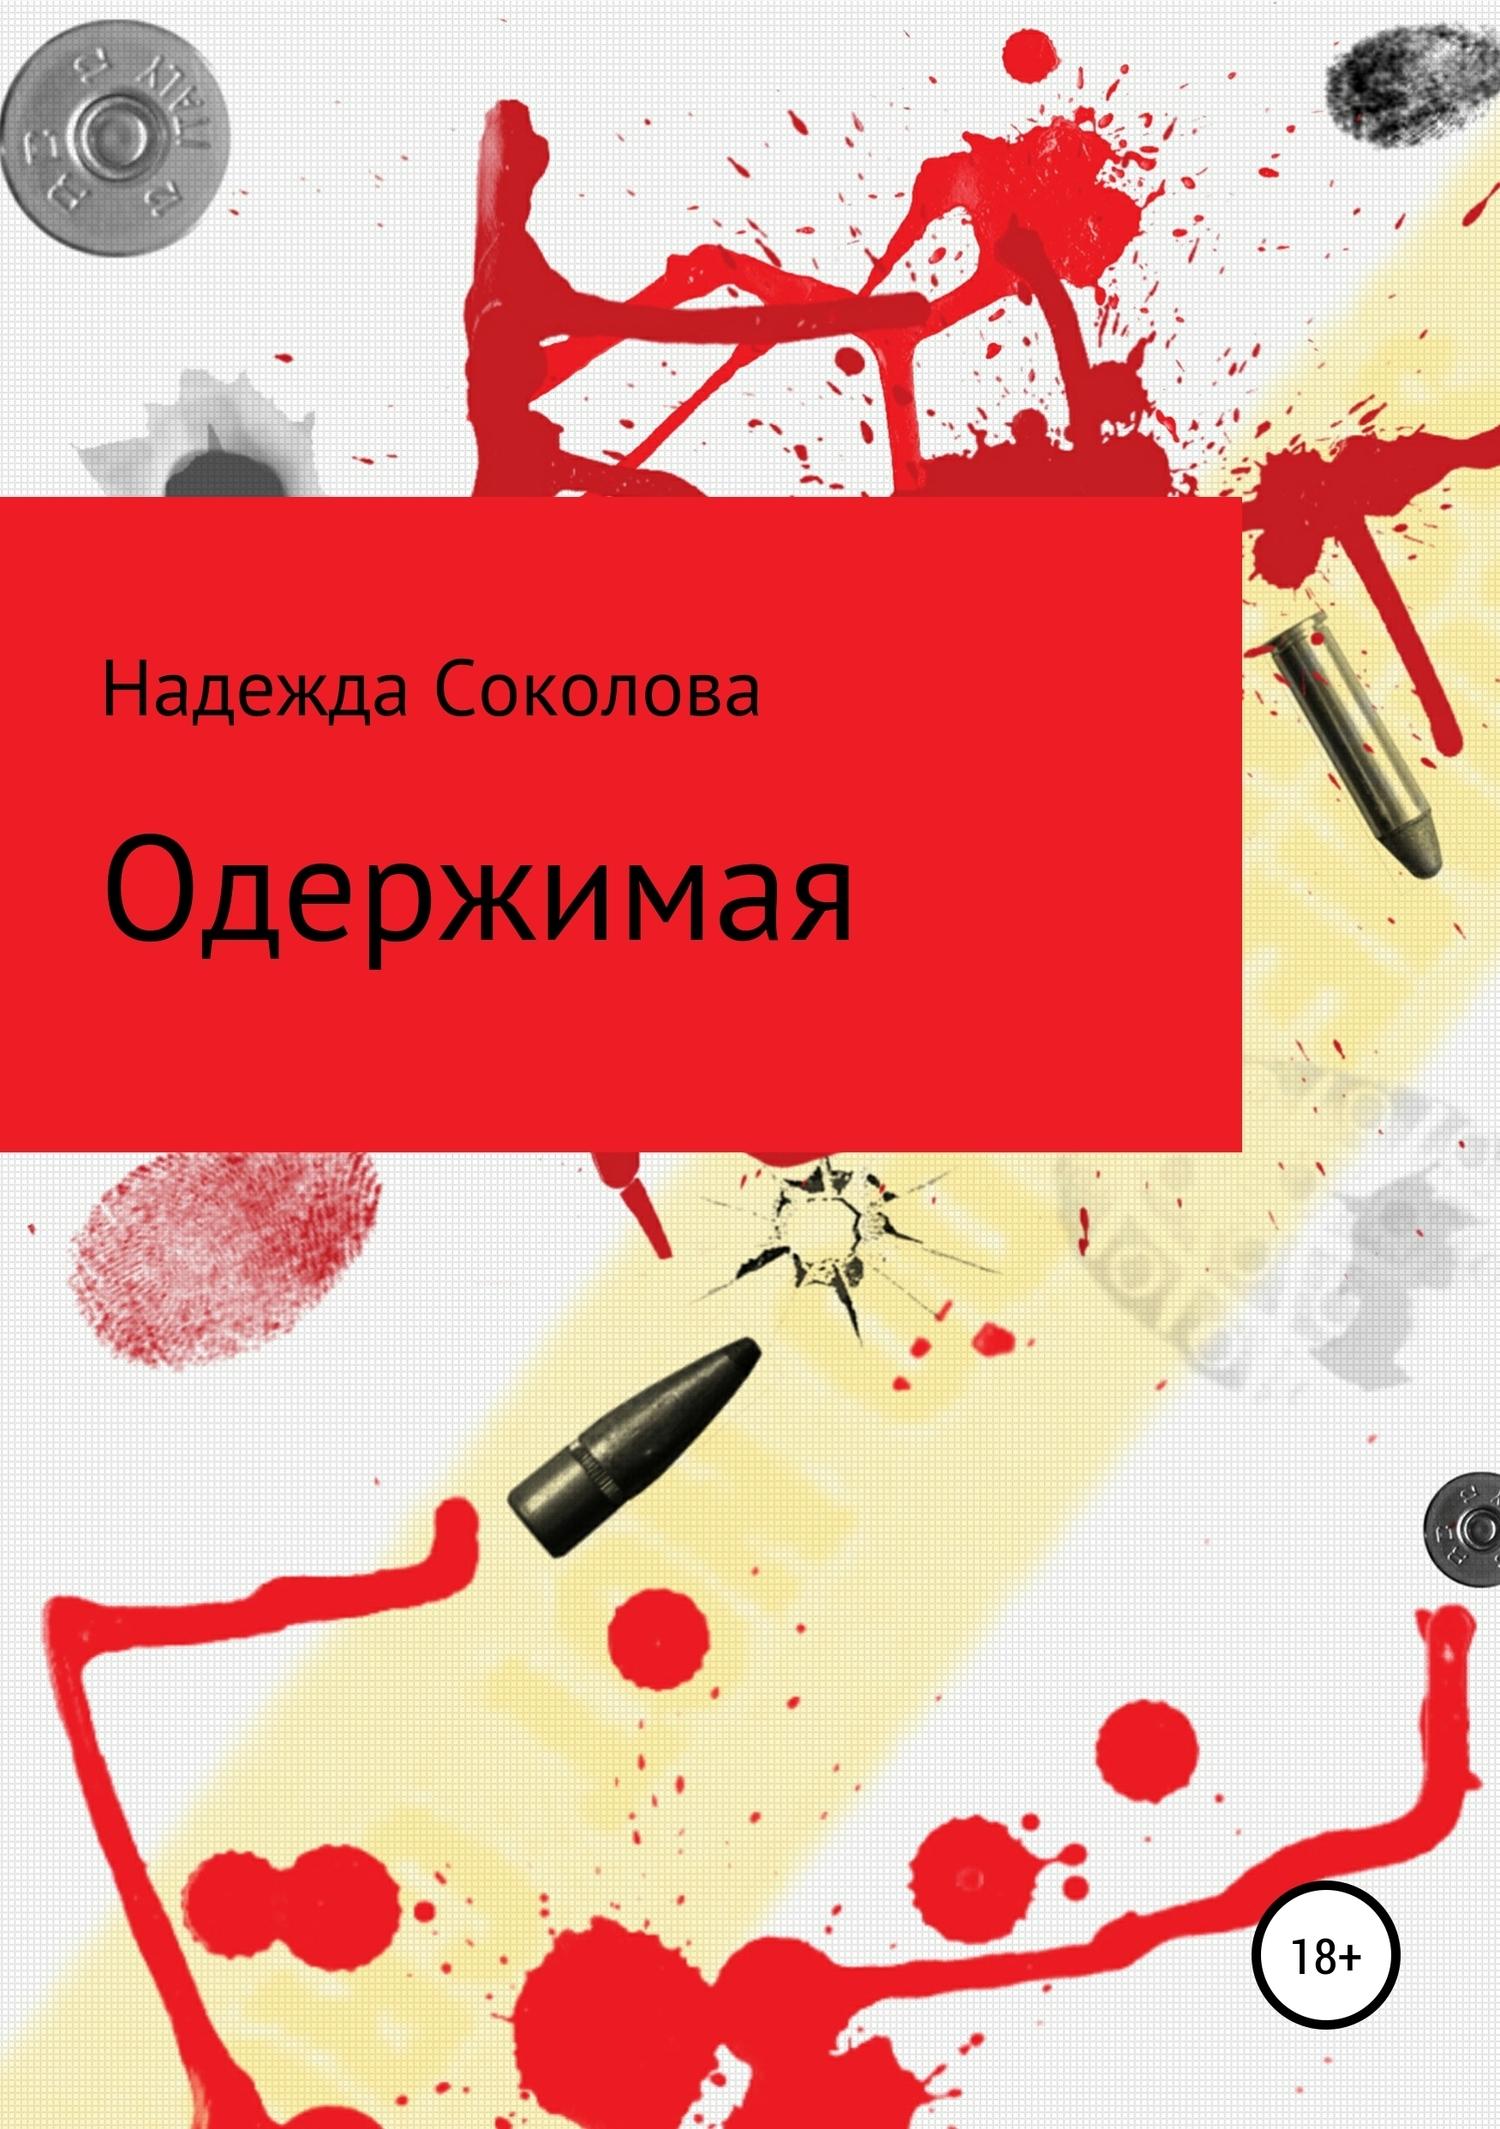 Надежда Соколова - Одержимая